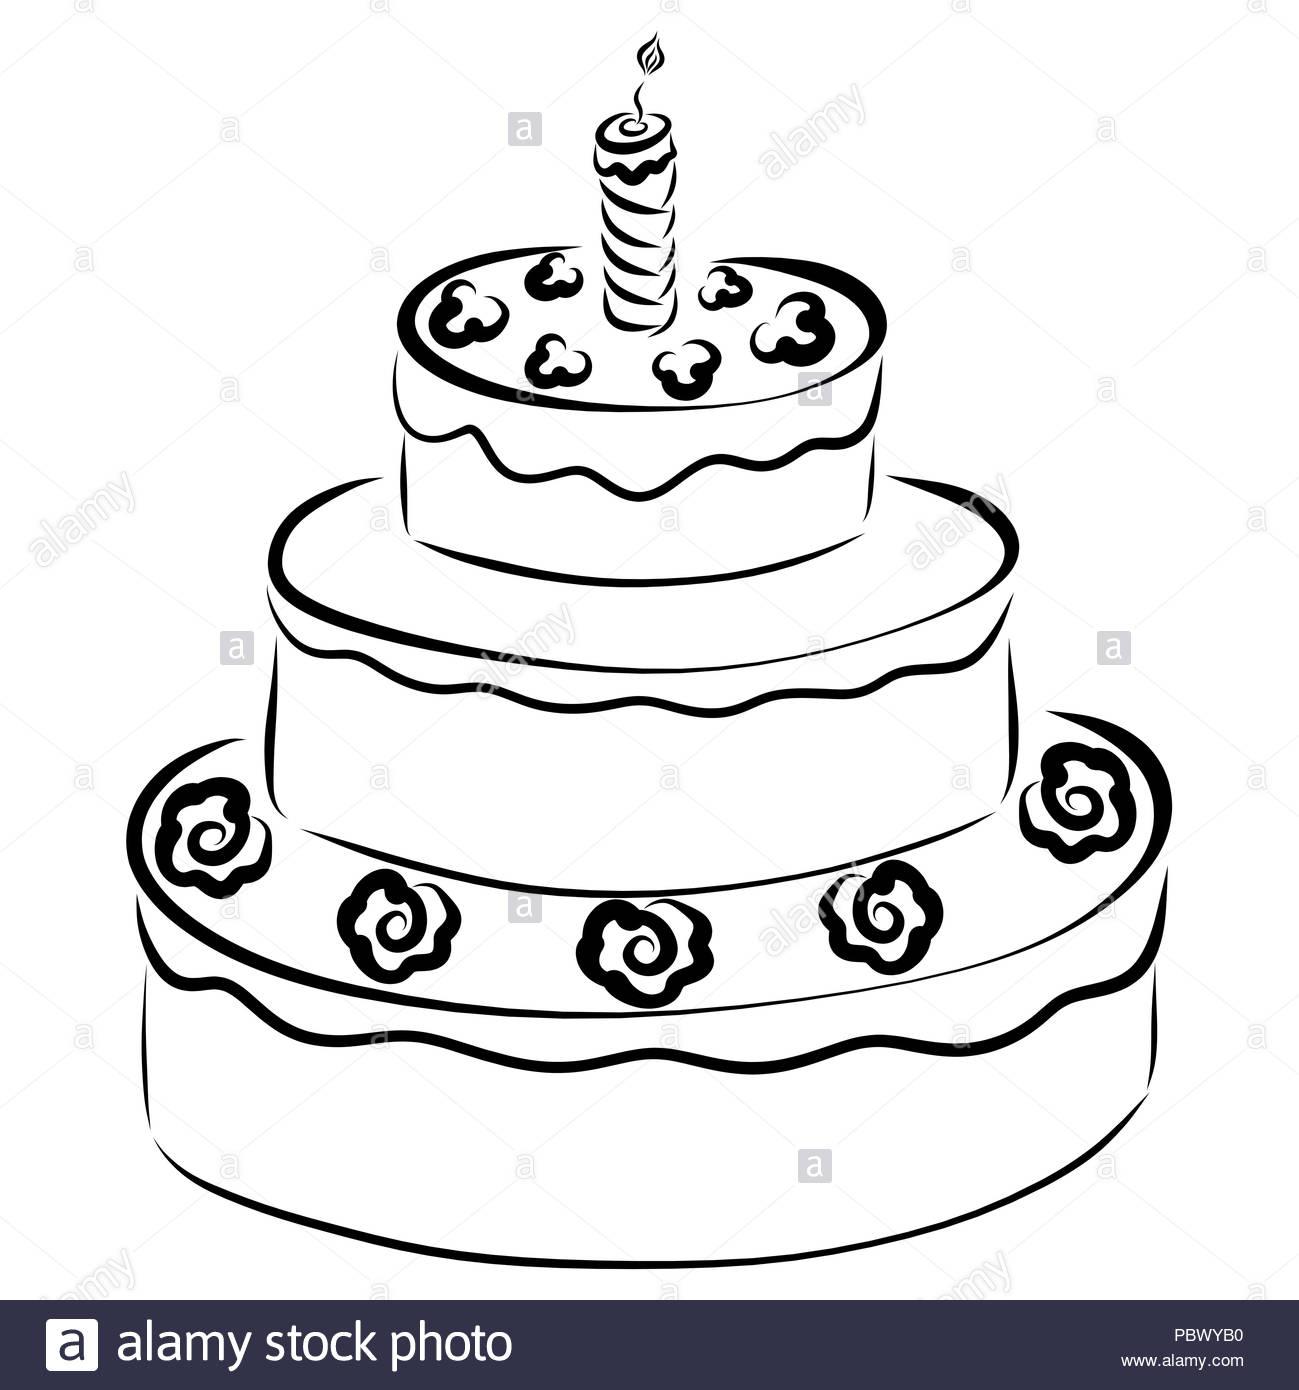 Ein Hohes Grossen Kuchen Geschmuckt Mit Blumen Und Eine Brennende